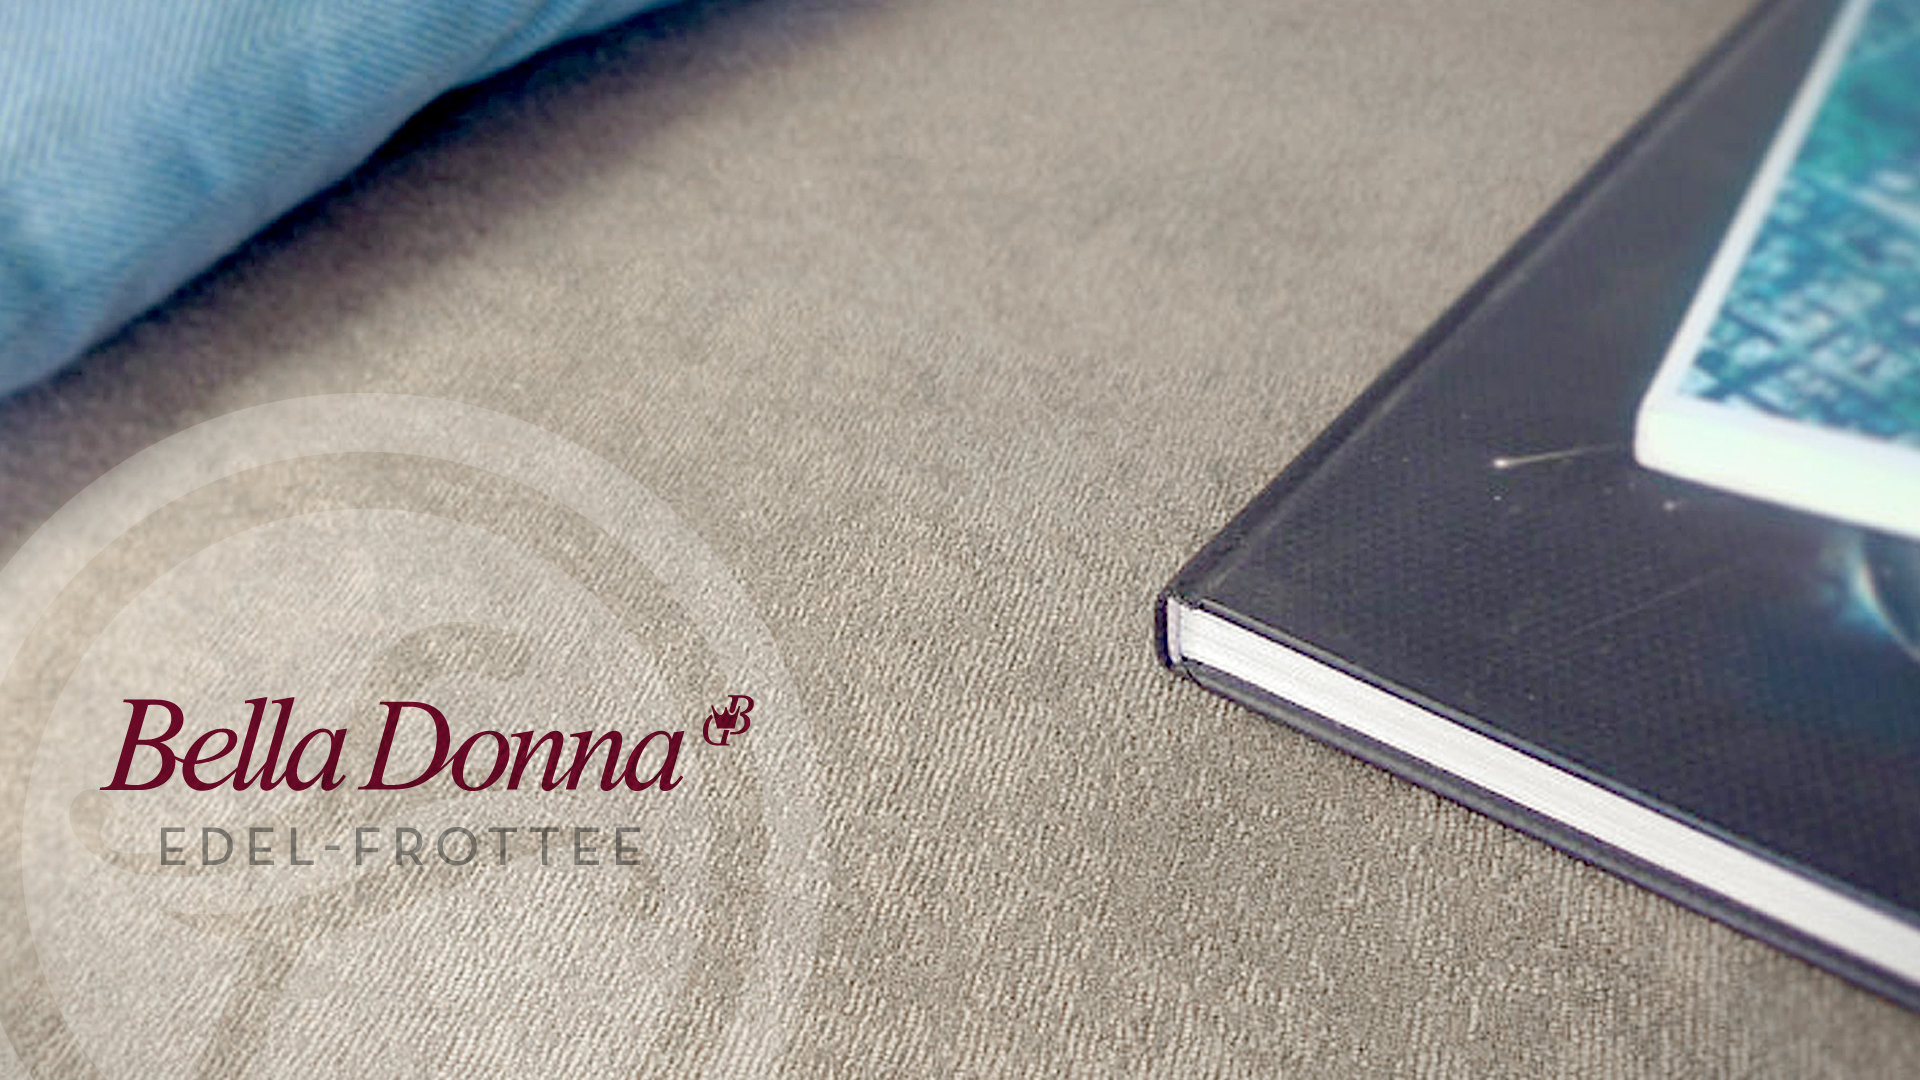 formesse bella donna edel frottee spannbettlaken bis 25 cm boudoir. Black Bedroom Furniture Sets. Home Design Ideas